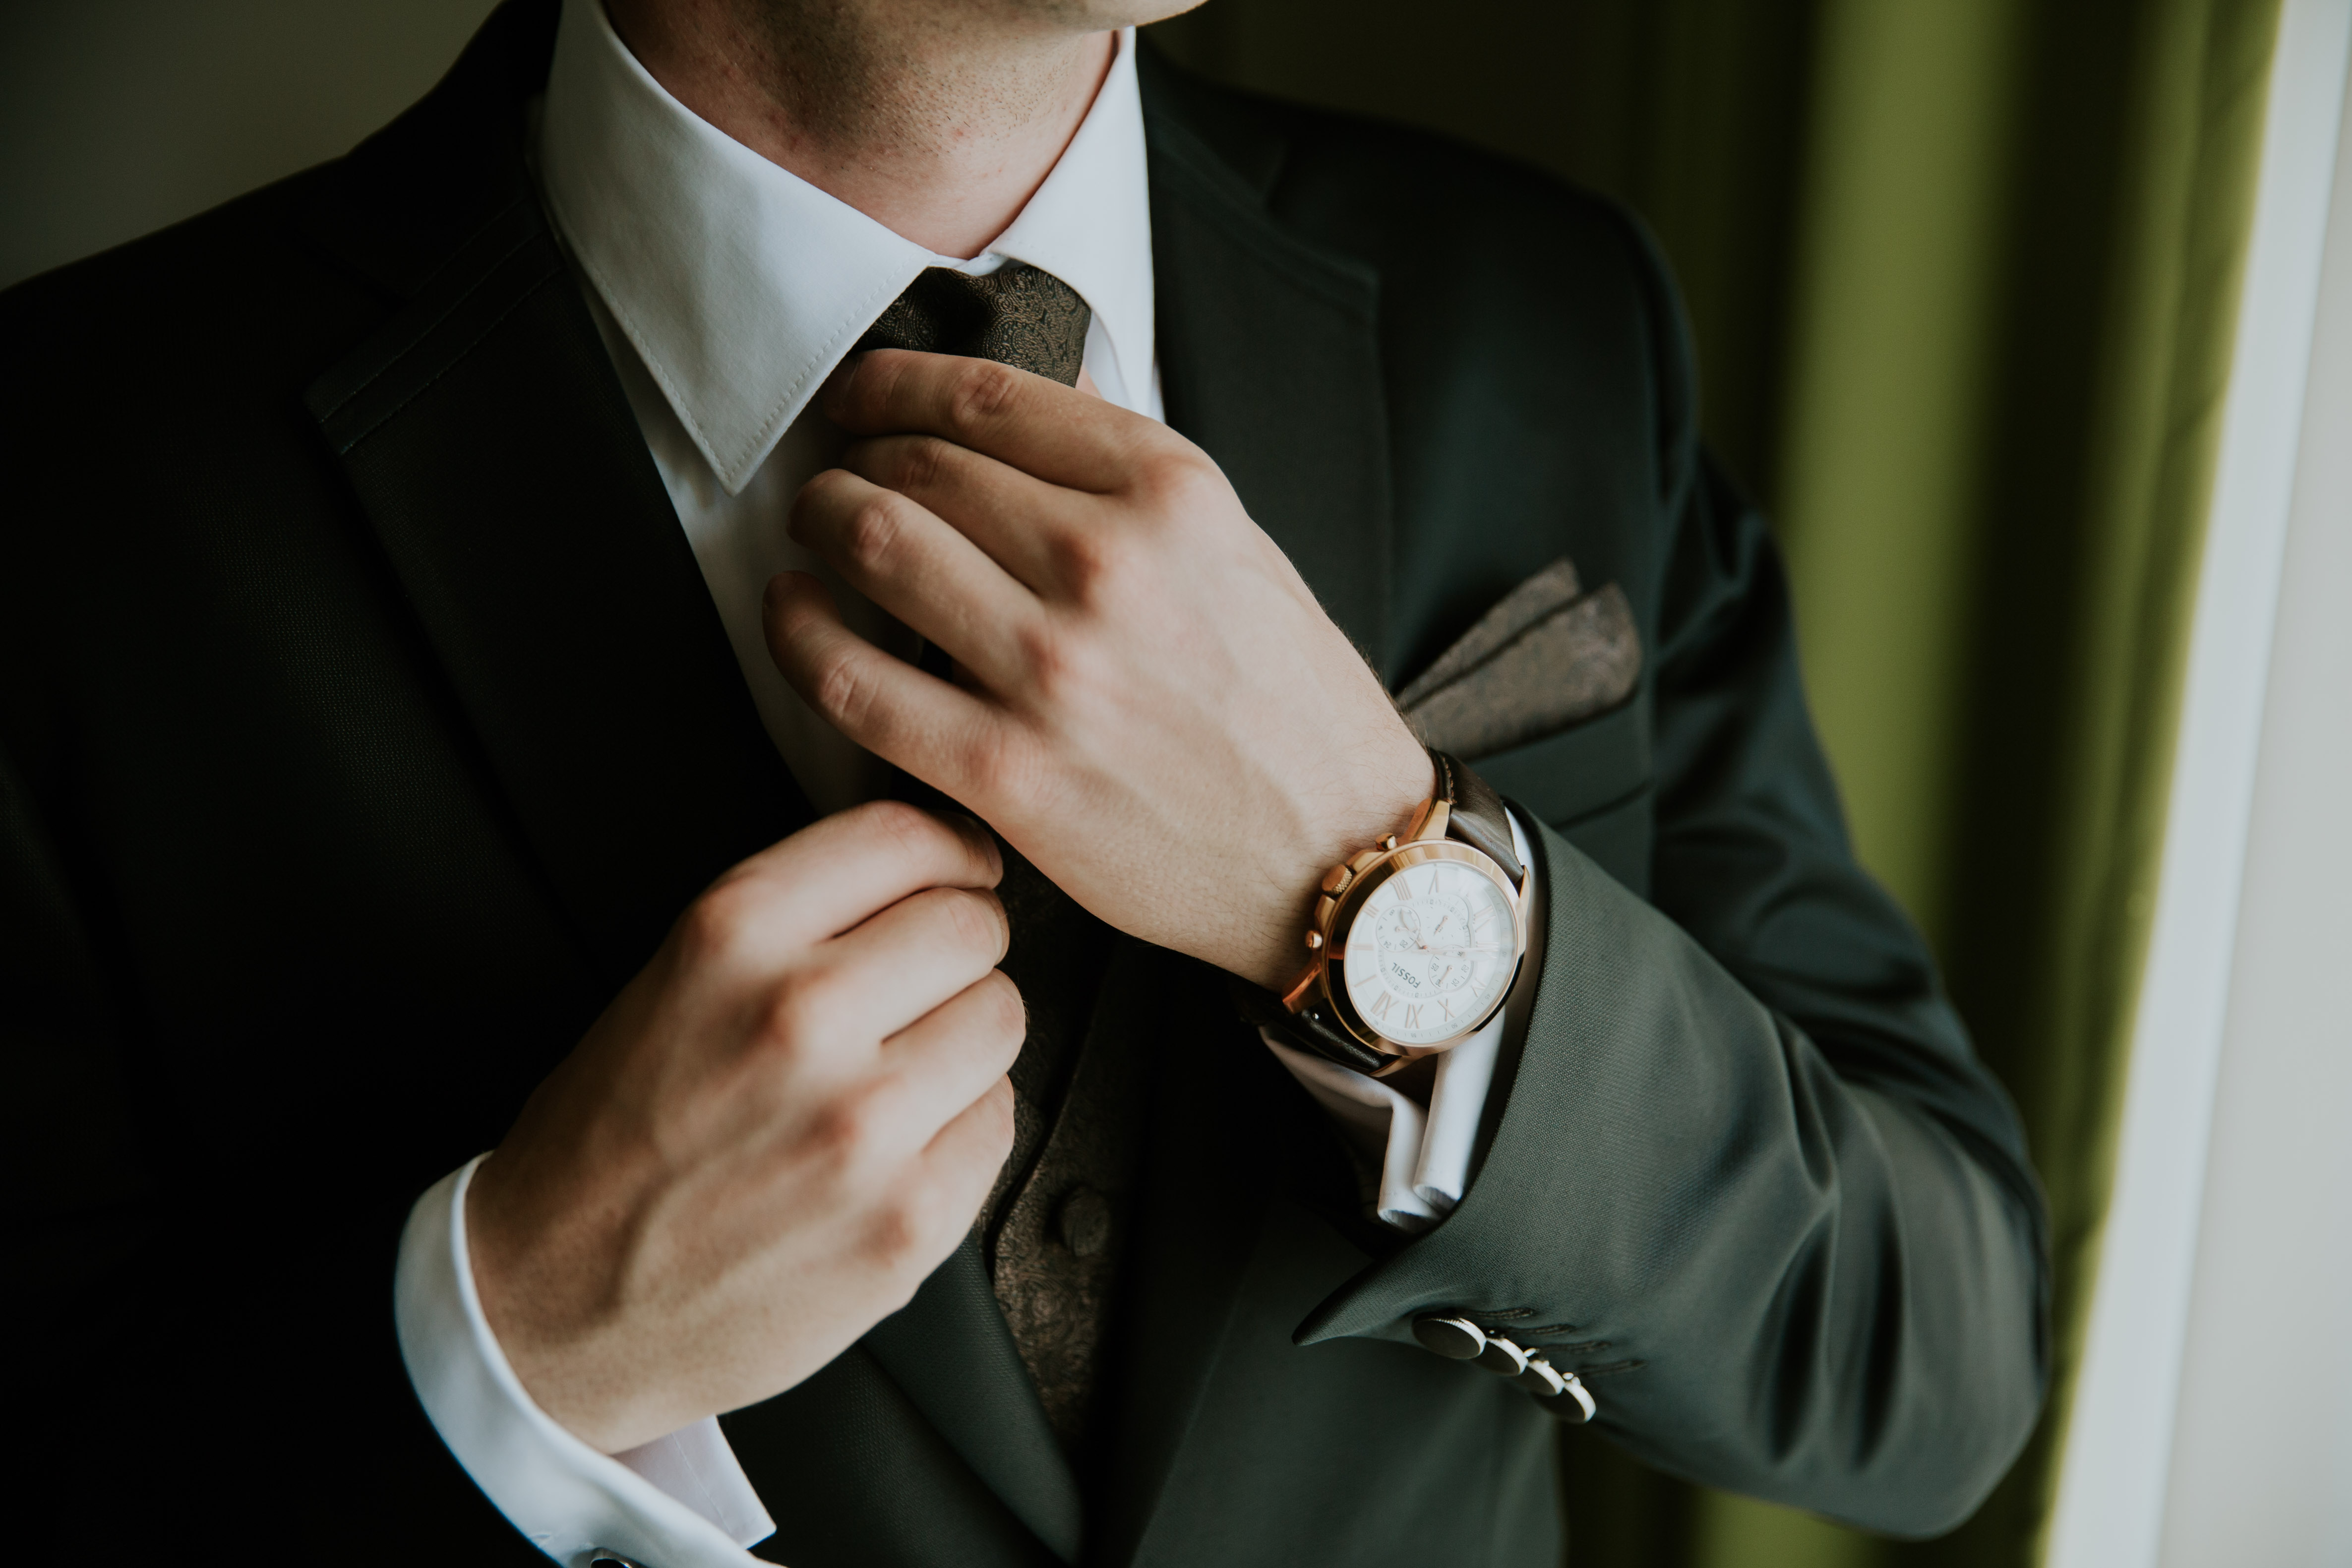 A Nagy Nap egy gentleman szemével, avagy milyen kiegészítőket viseljen a vőlegény az esküvőn?